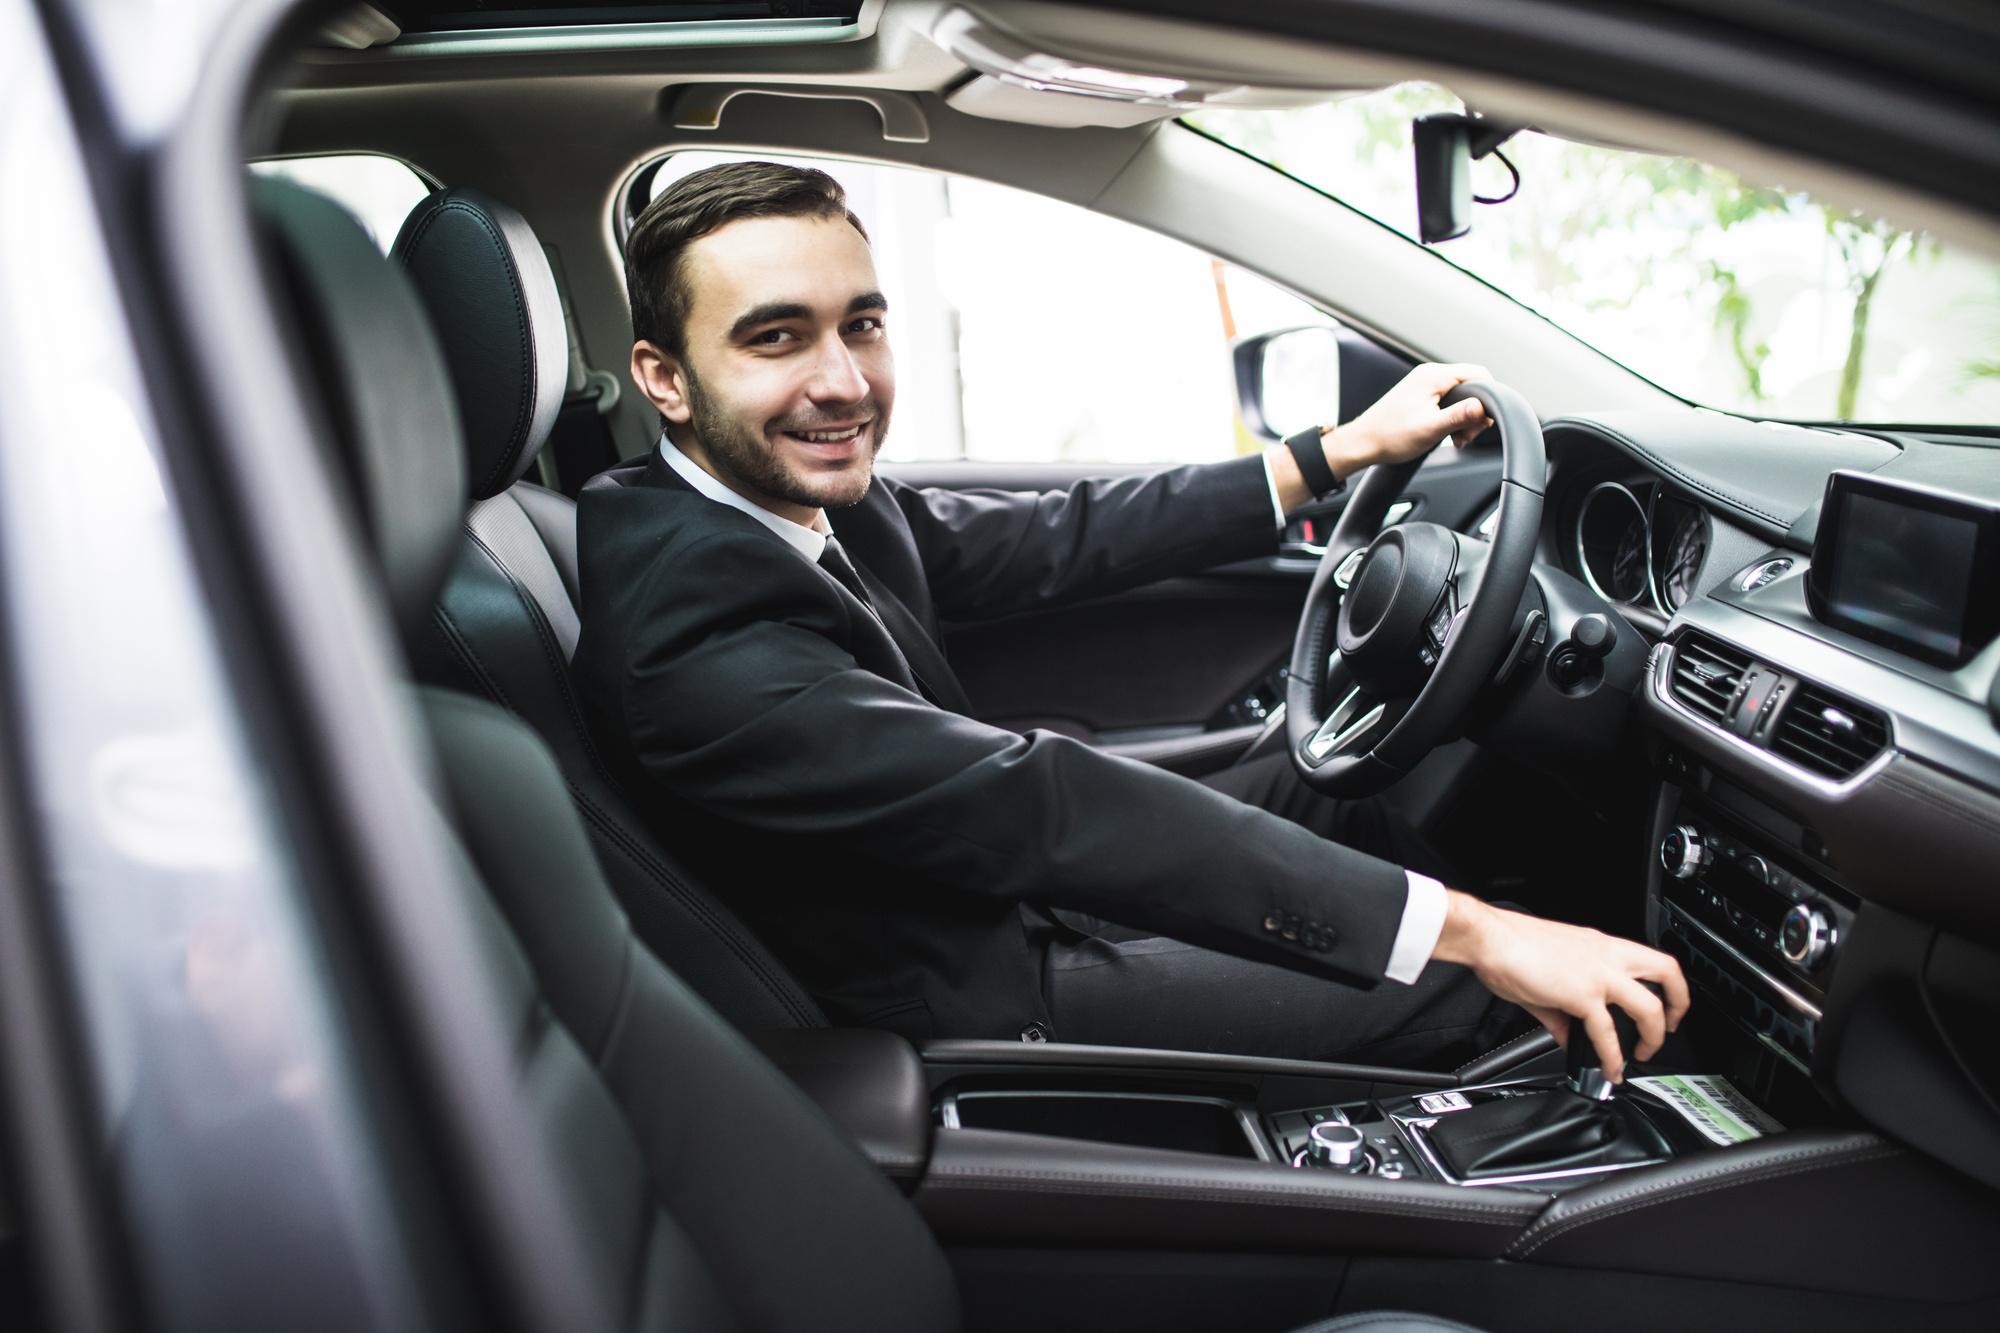 denver to vail transport, Car service, driver